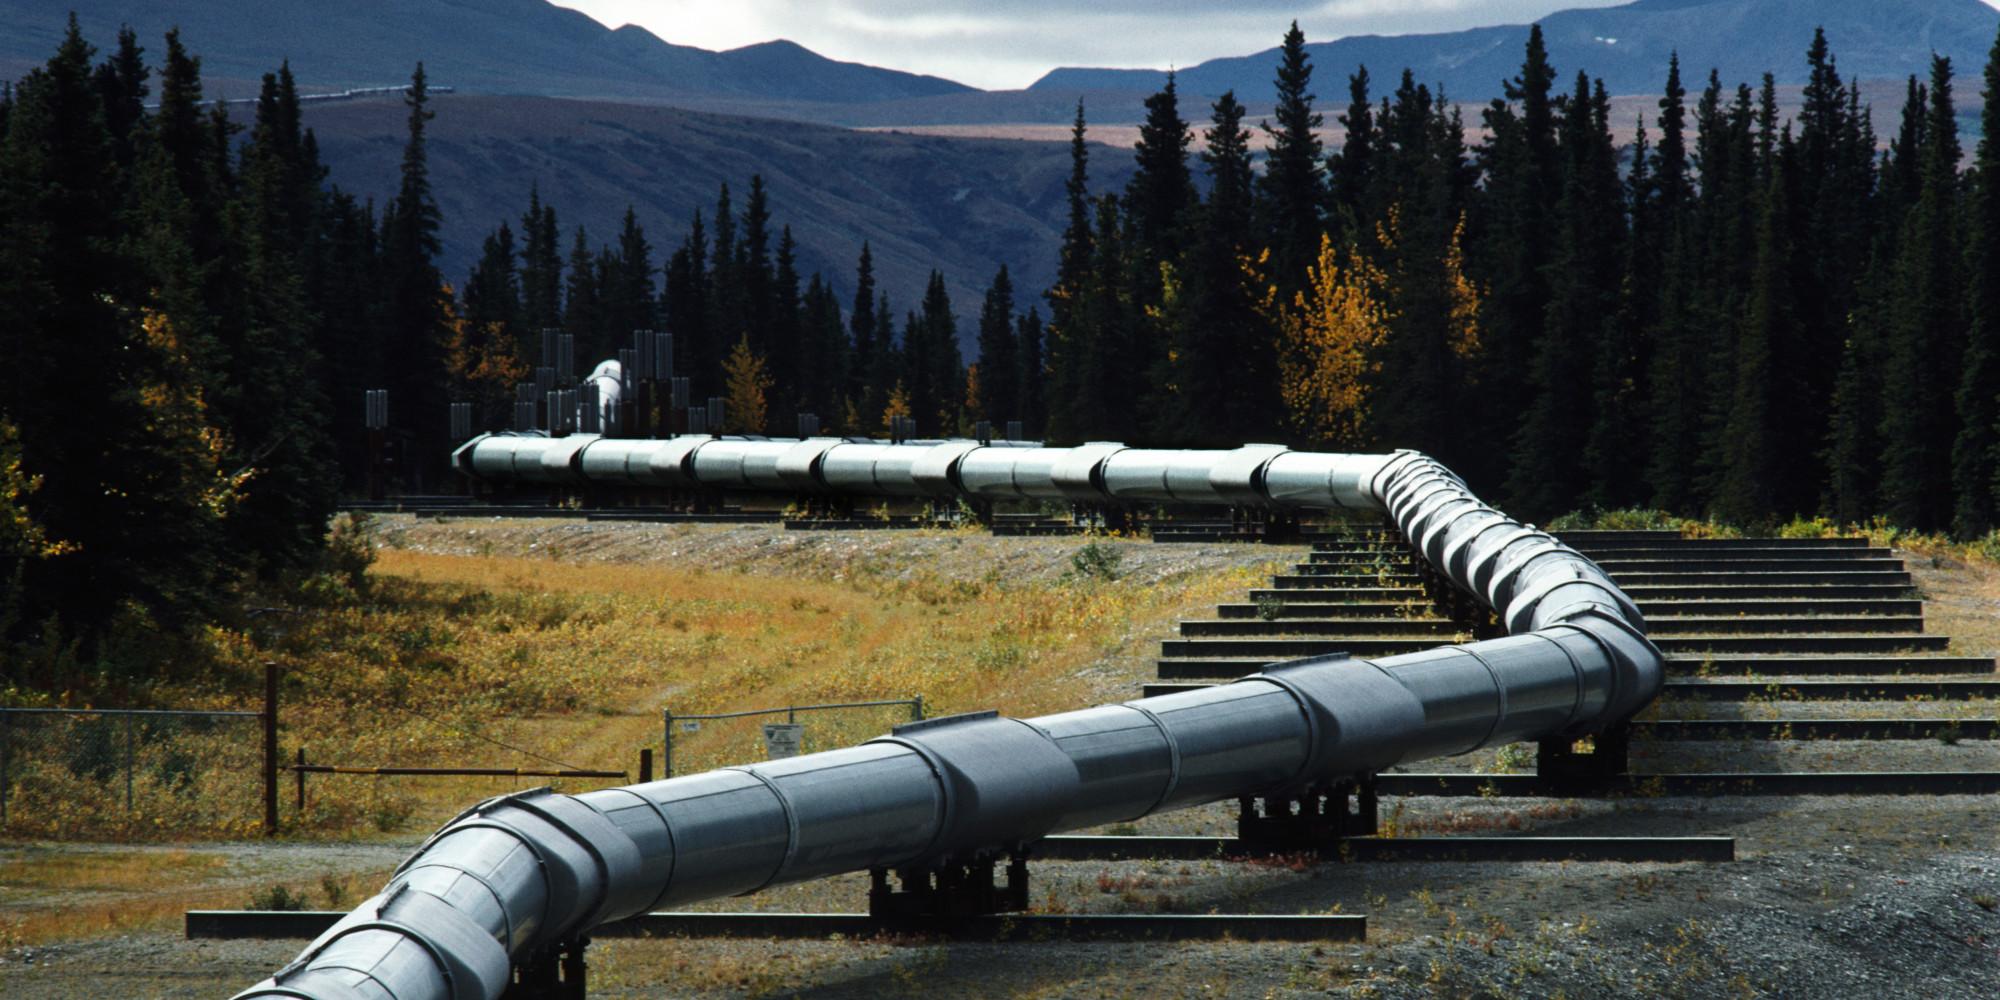 Принят техрегламент ЕАЭС на магистральные трубопроводы